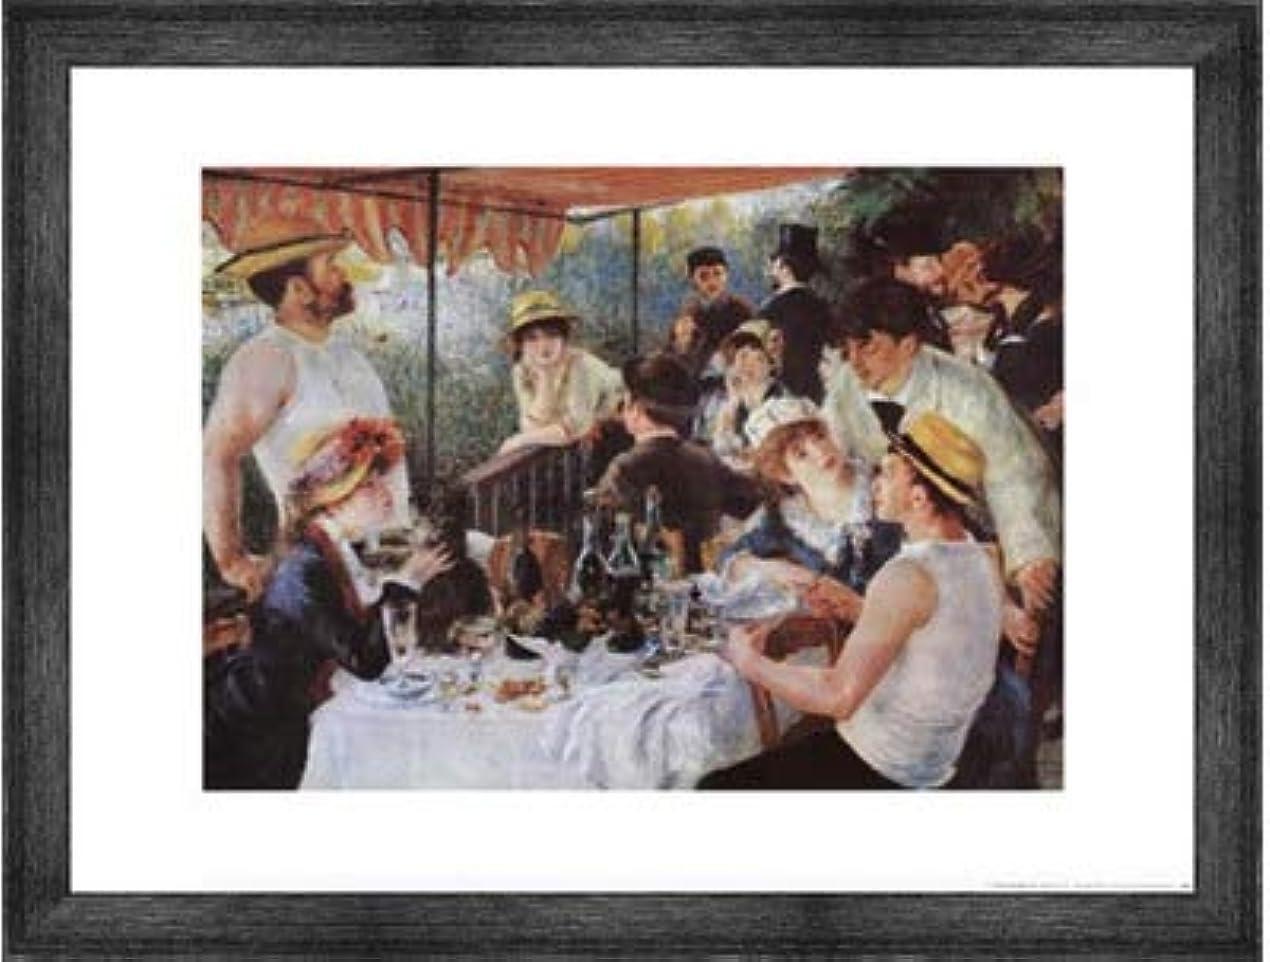 賛辞群集リハーサルLuncheon of the Boating Party, c.1881ピエールオーギュスト?ルノワールby – 31.5 X 23.5インチ – アートプリントポスター LE_26810-F10588-31.5x23.5